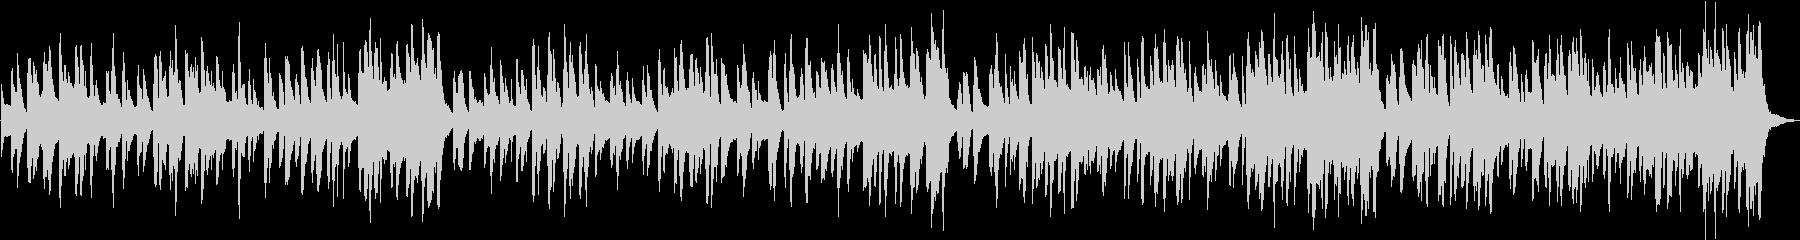 ホンキートンクピアノのかわいいラグタイムの未再生の波形